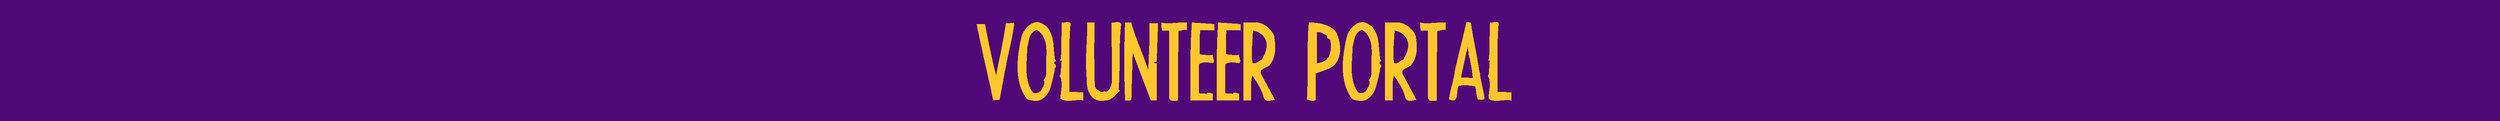 volunteer_portal.jpg